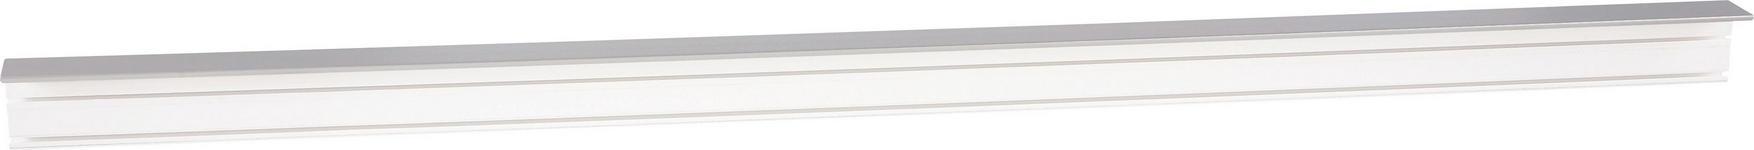 Vorhangschiene 250 cm - Weiß/Grau, KONVENTIONELL, Kunststoff (250/5/7.5cm) - Ombra